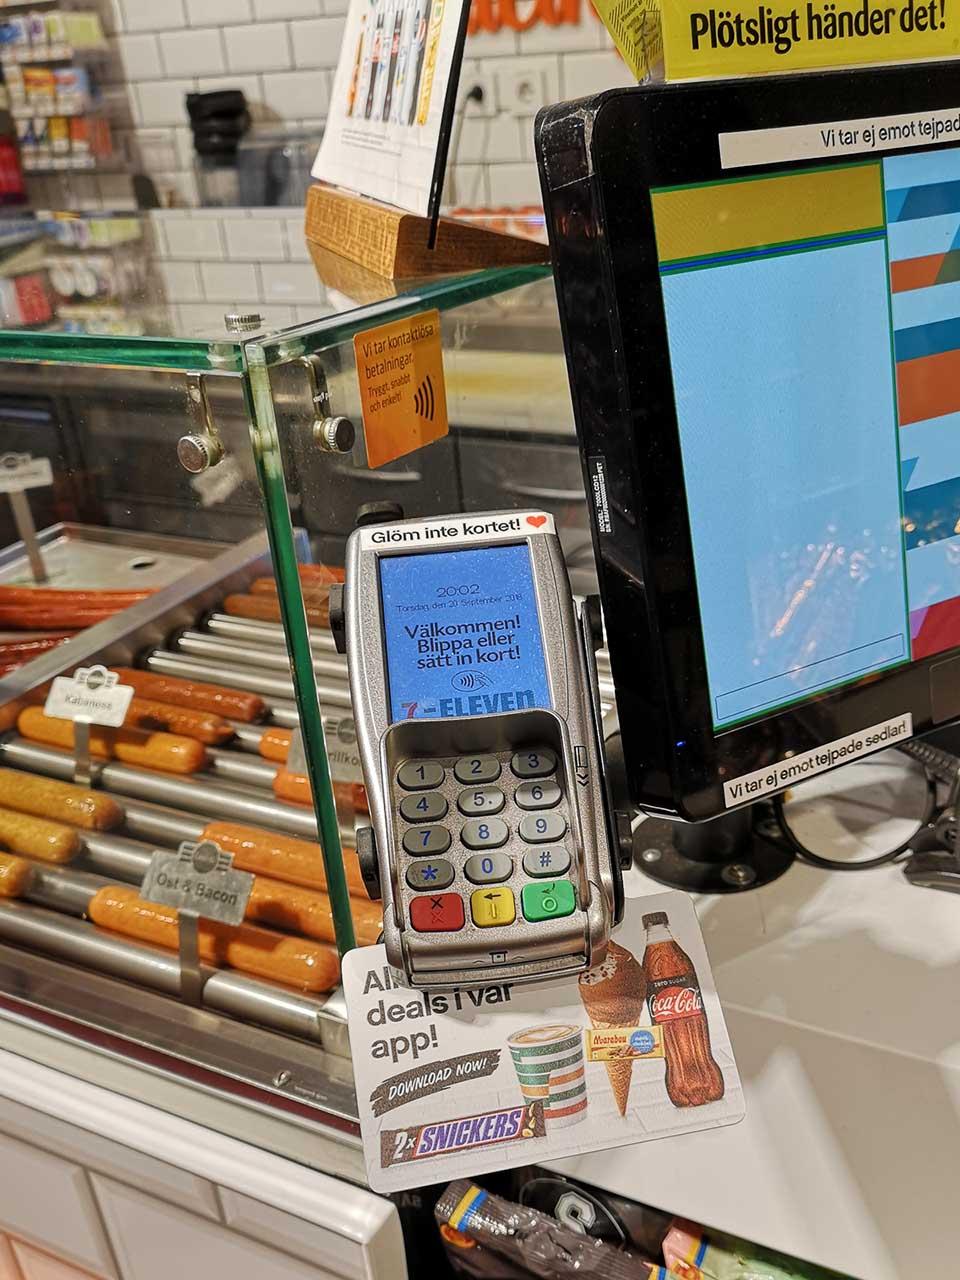 スウェーデンのコンビニエンスストア。欧州だと、多くの店でこのように客側にリーダーを置いてあるので、店員に「クレジットカードで」というだけいい。接触IC、非接触ICのどちらでも使えるので、客が好きな方法で支払う。扇型の電波のようなマークがNFC Pay対応の印